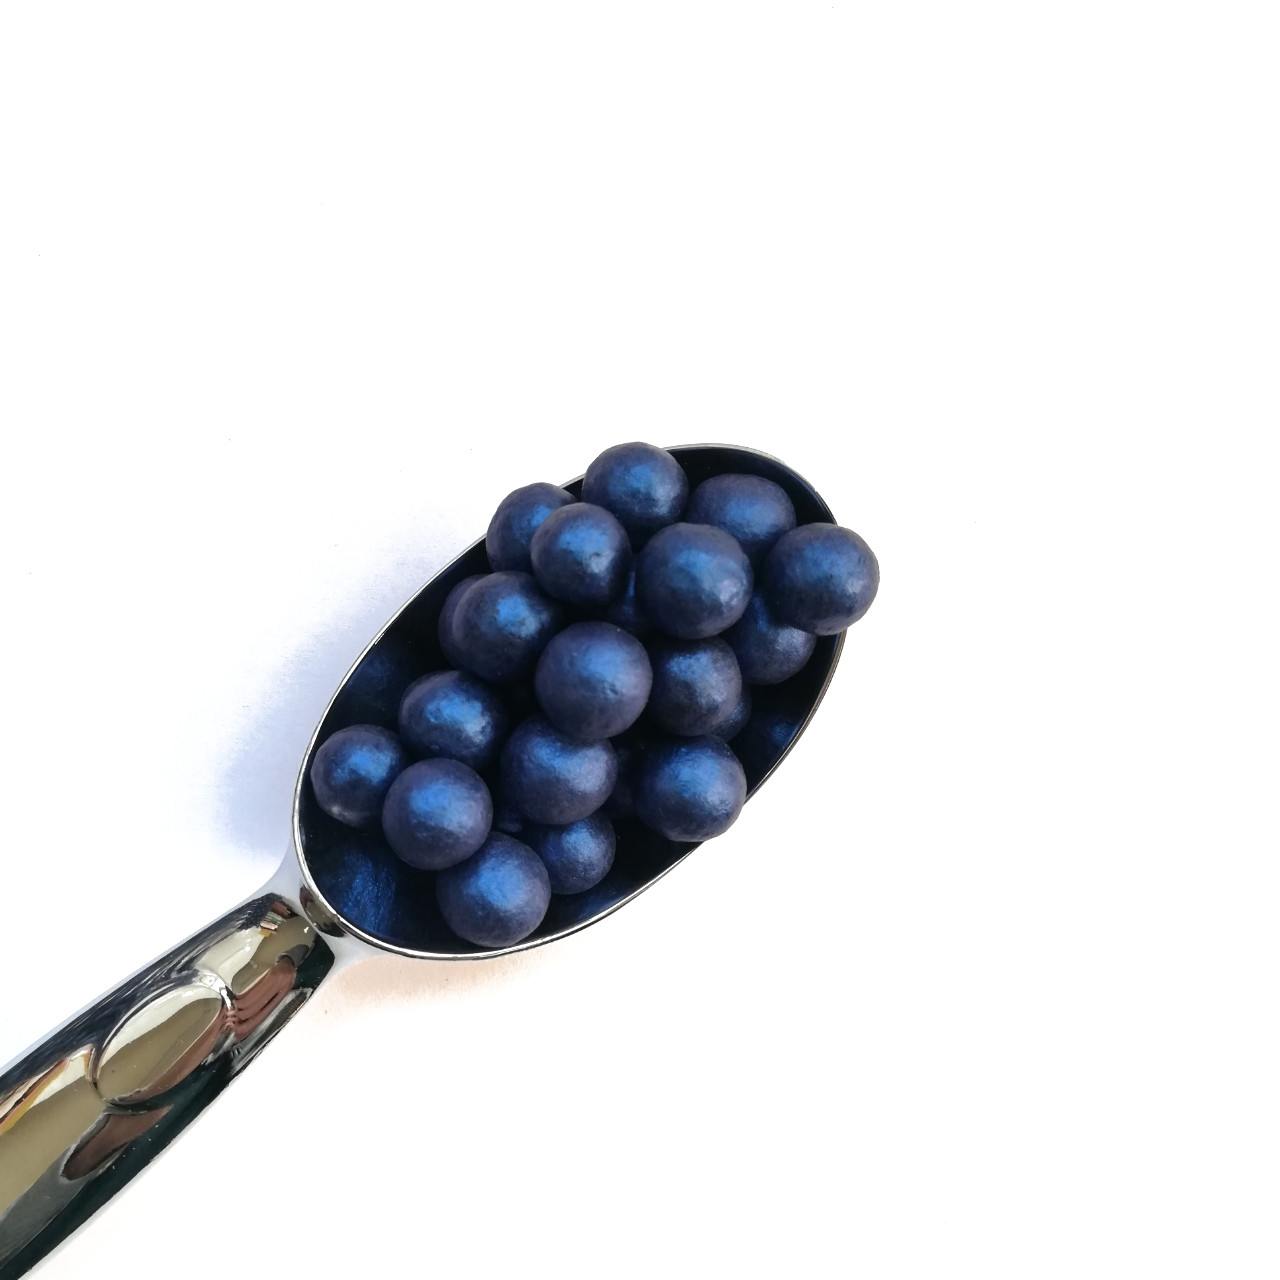 Перлини перламутрові сині 10мм (25г)